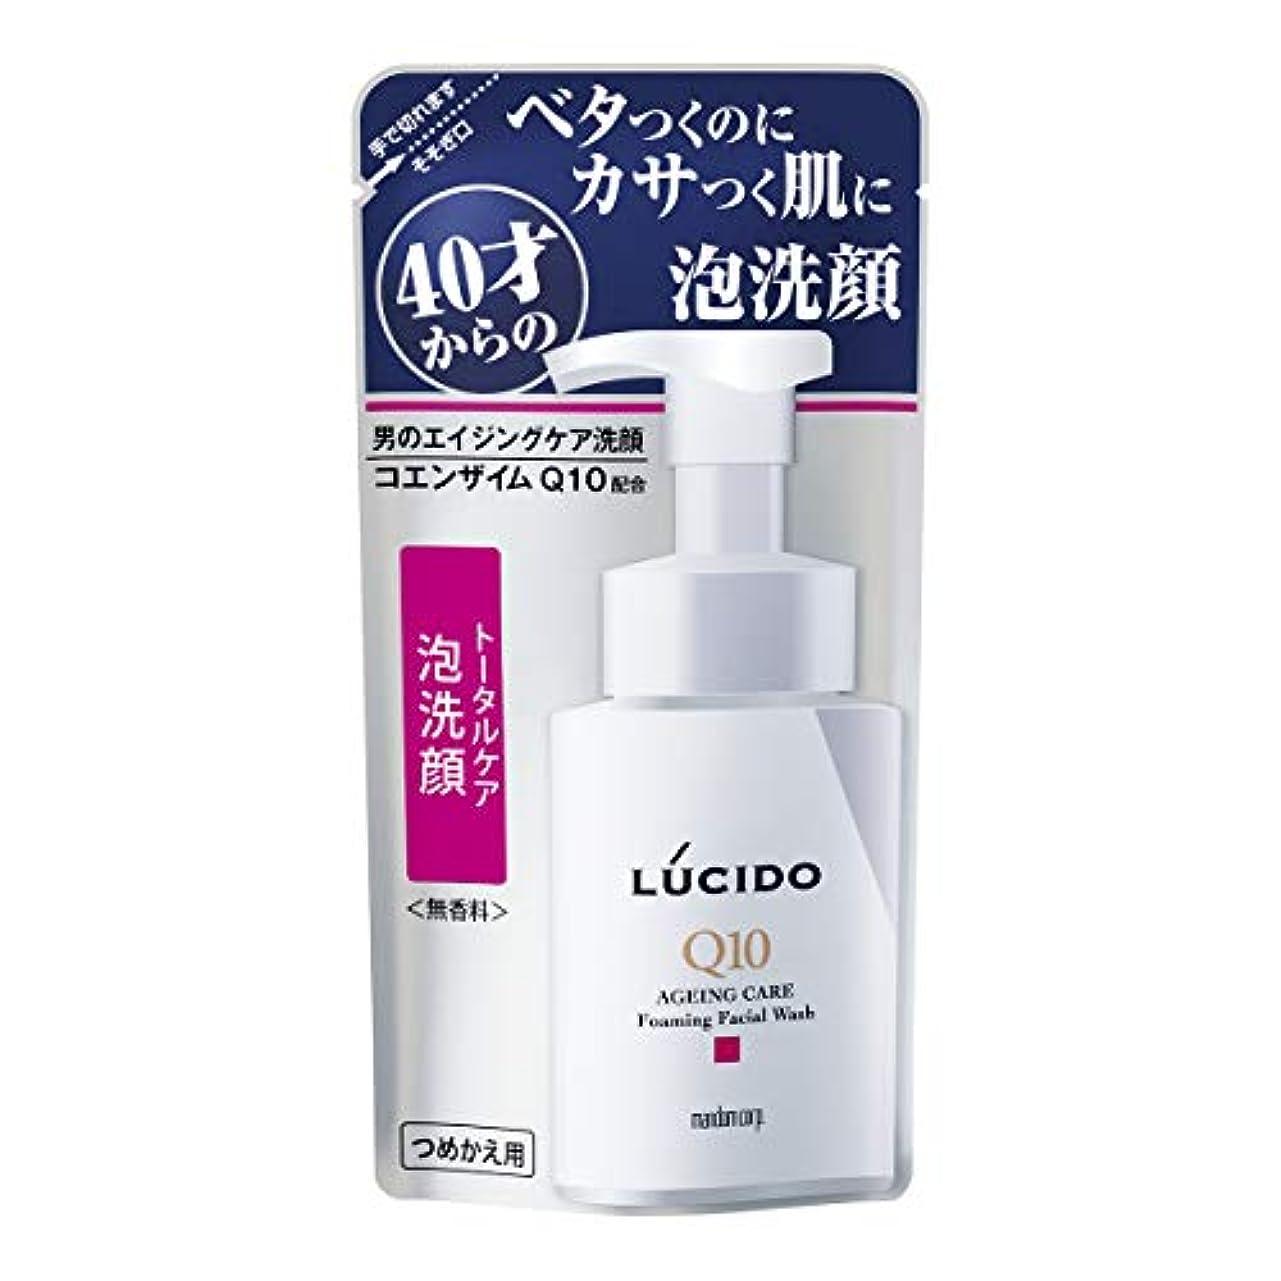 ボートバレーボール趣味ルシード (LUCIDO) トータルケア泡洗顔 つめかえ用 Q10 130mL